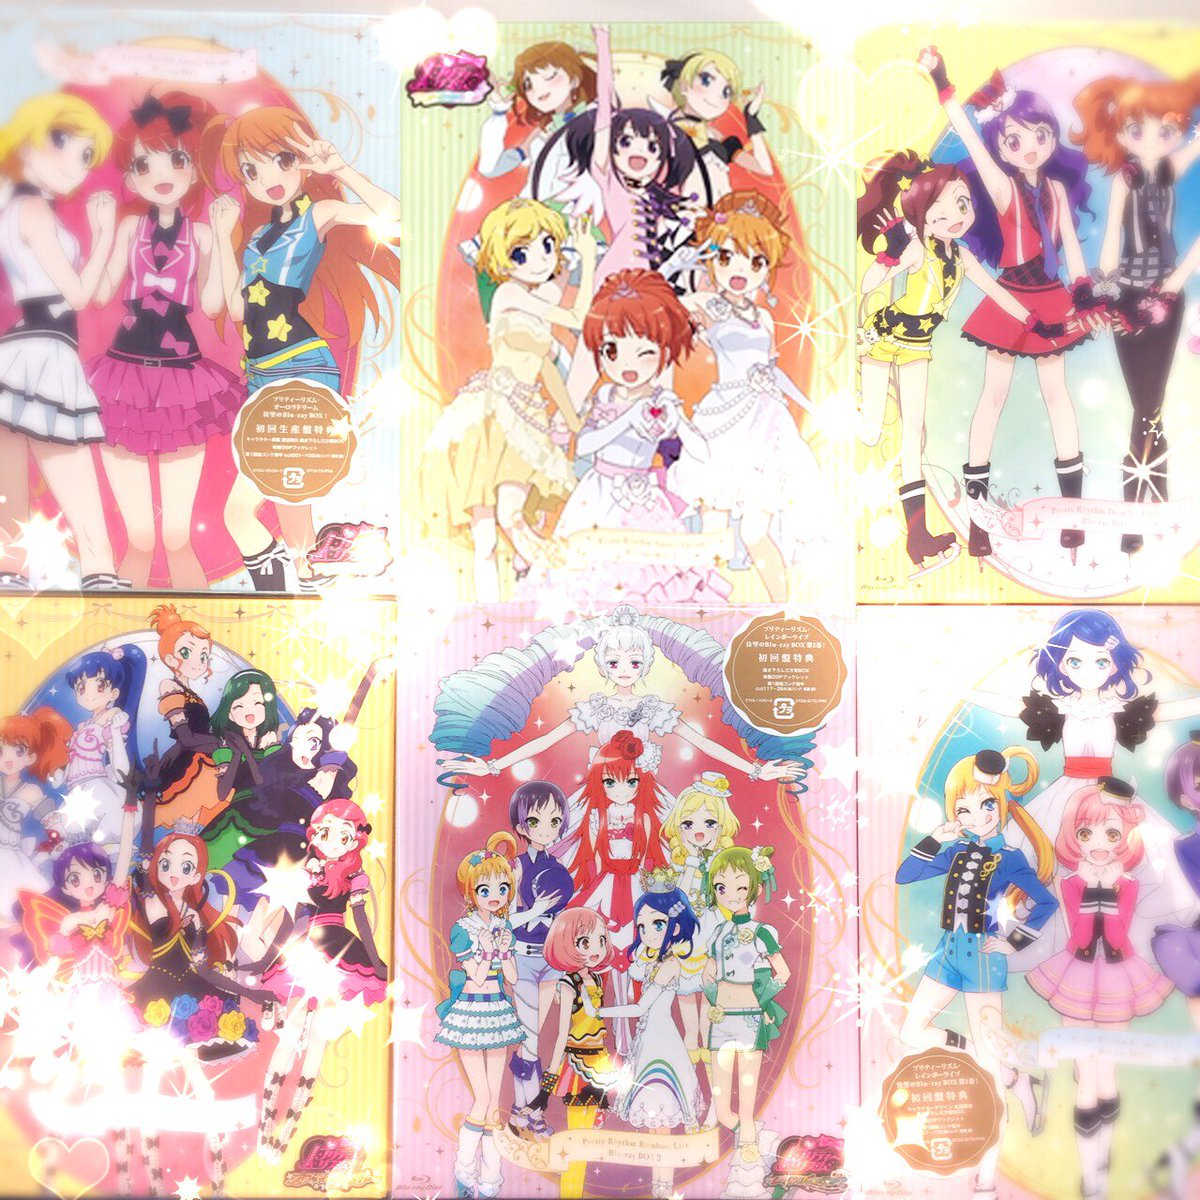 本日発売☆レインボーライブBlu-rayBOX2♪やっとプリティーリズムシリーズが全編Blu-ray化されました!!あり